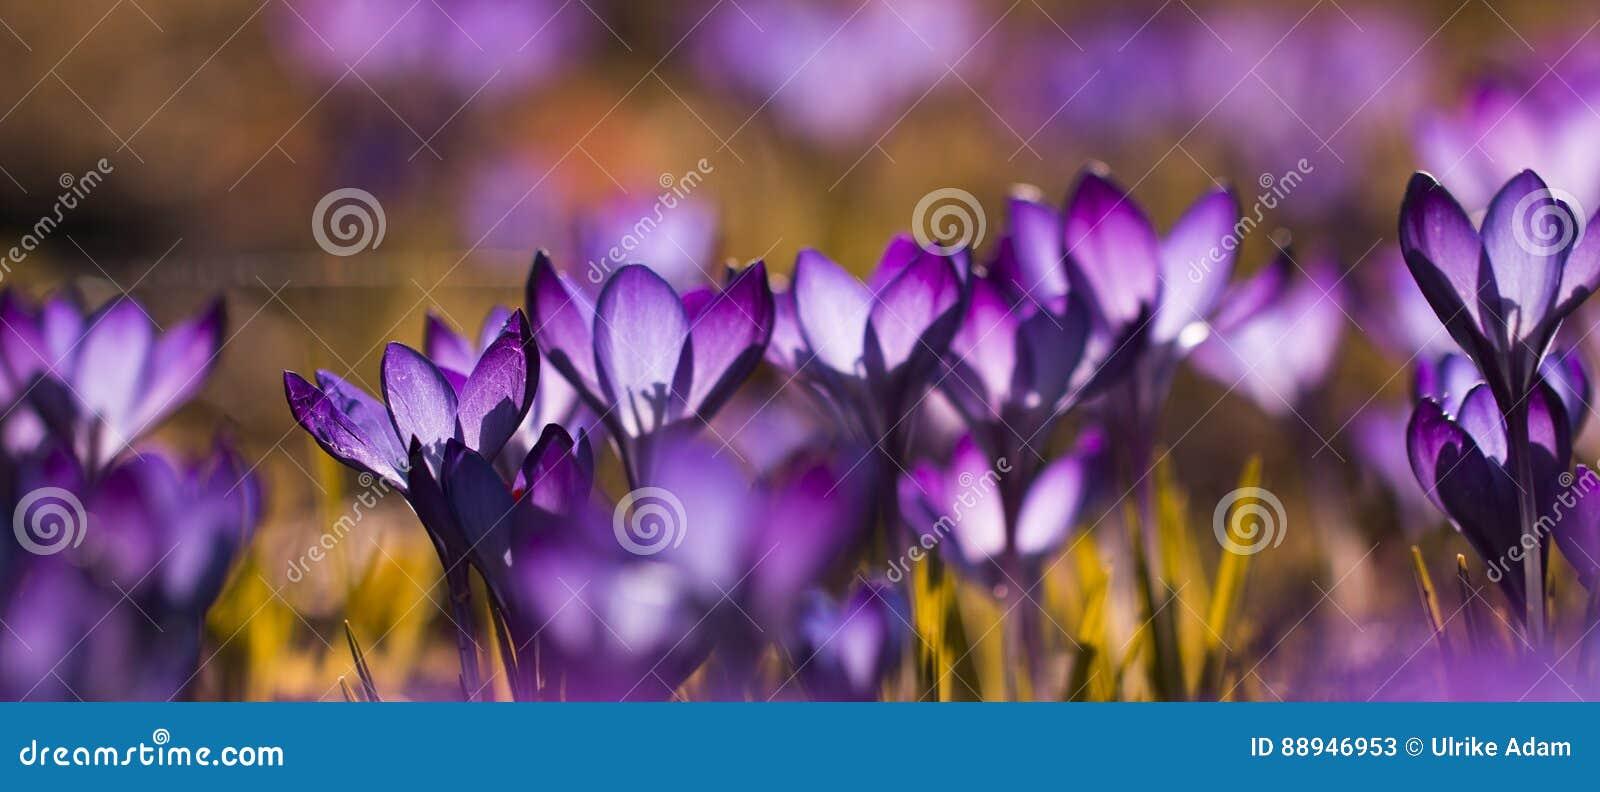 Фиолетовый крокус крокусов - затопленный свет